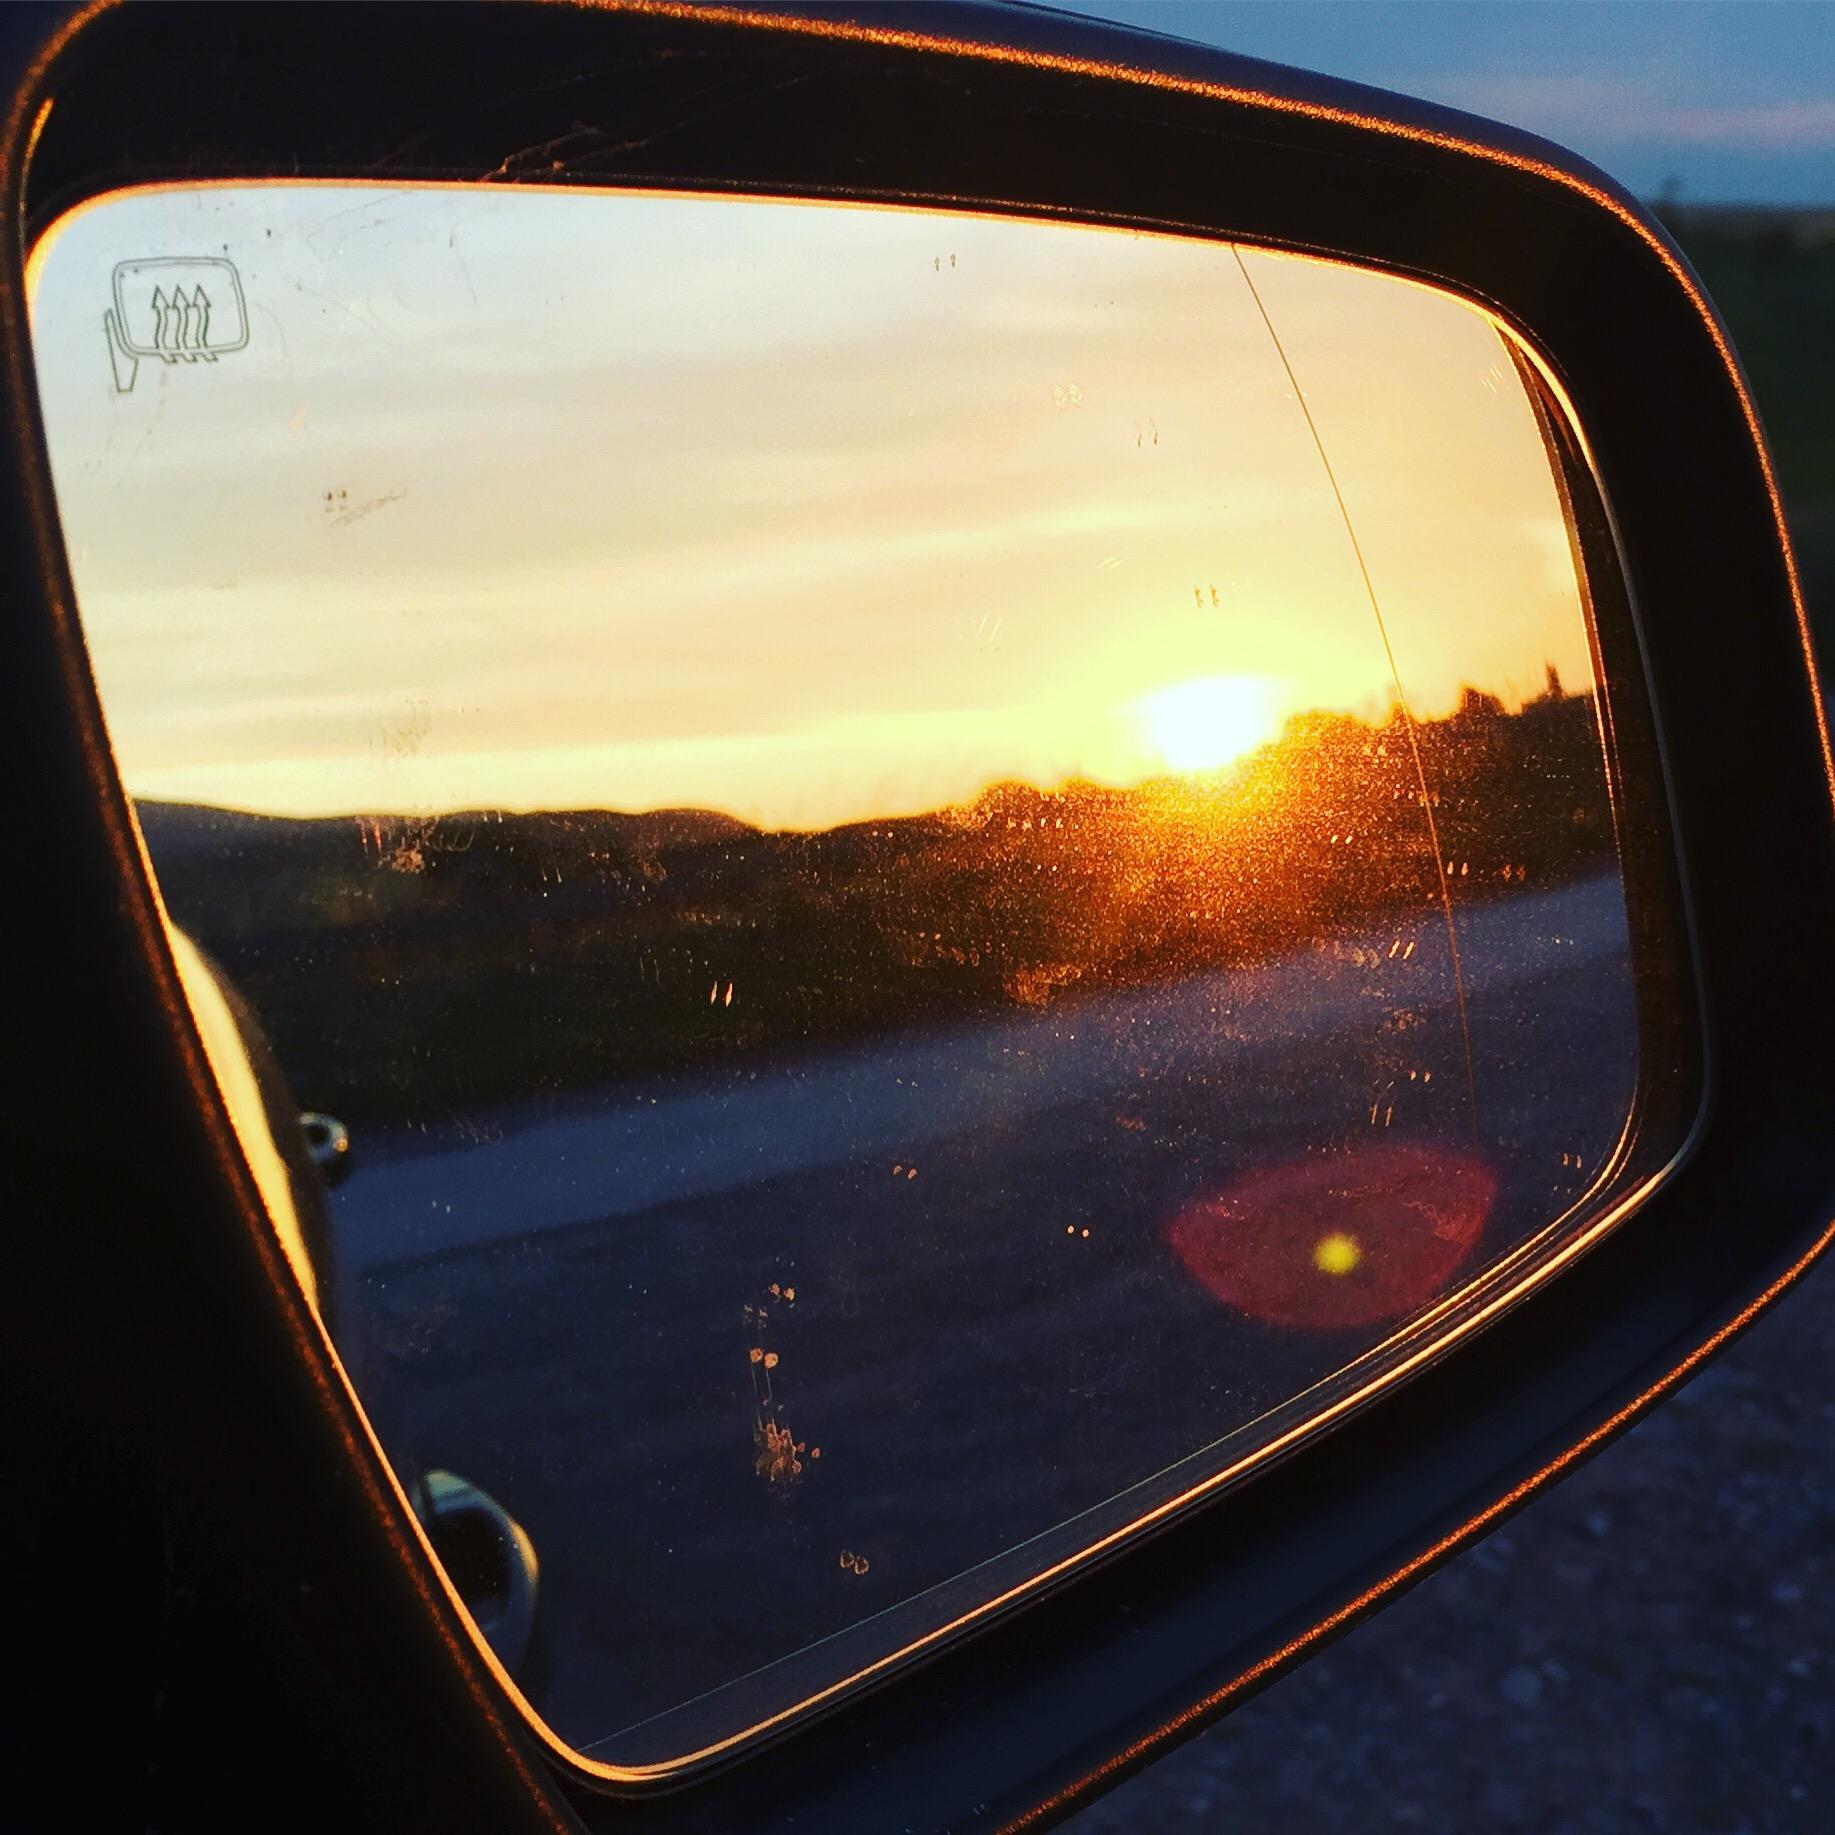 #MySundayPhoto - Looking Back